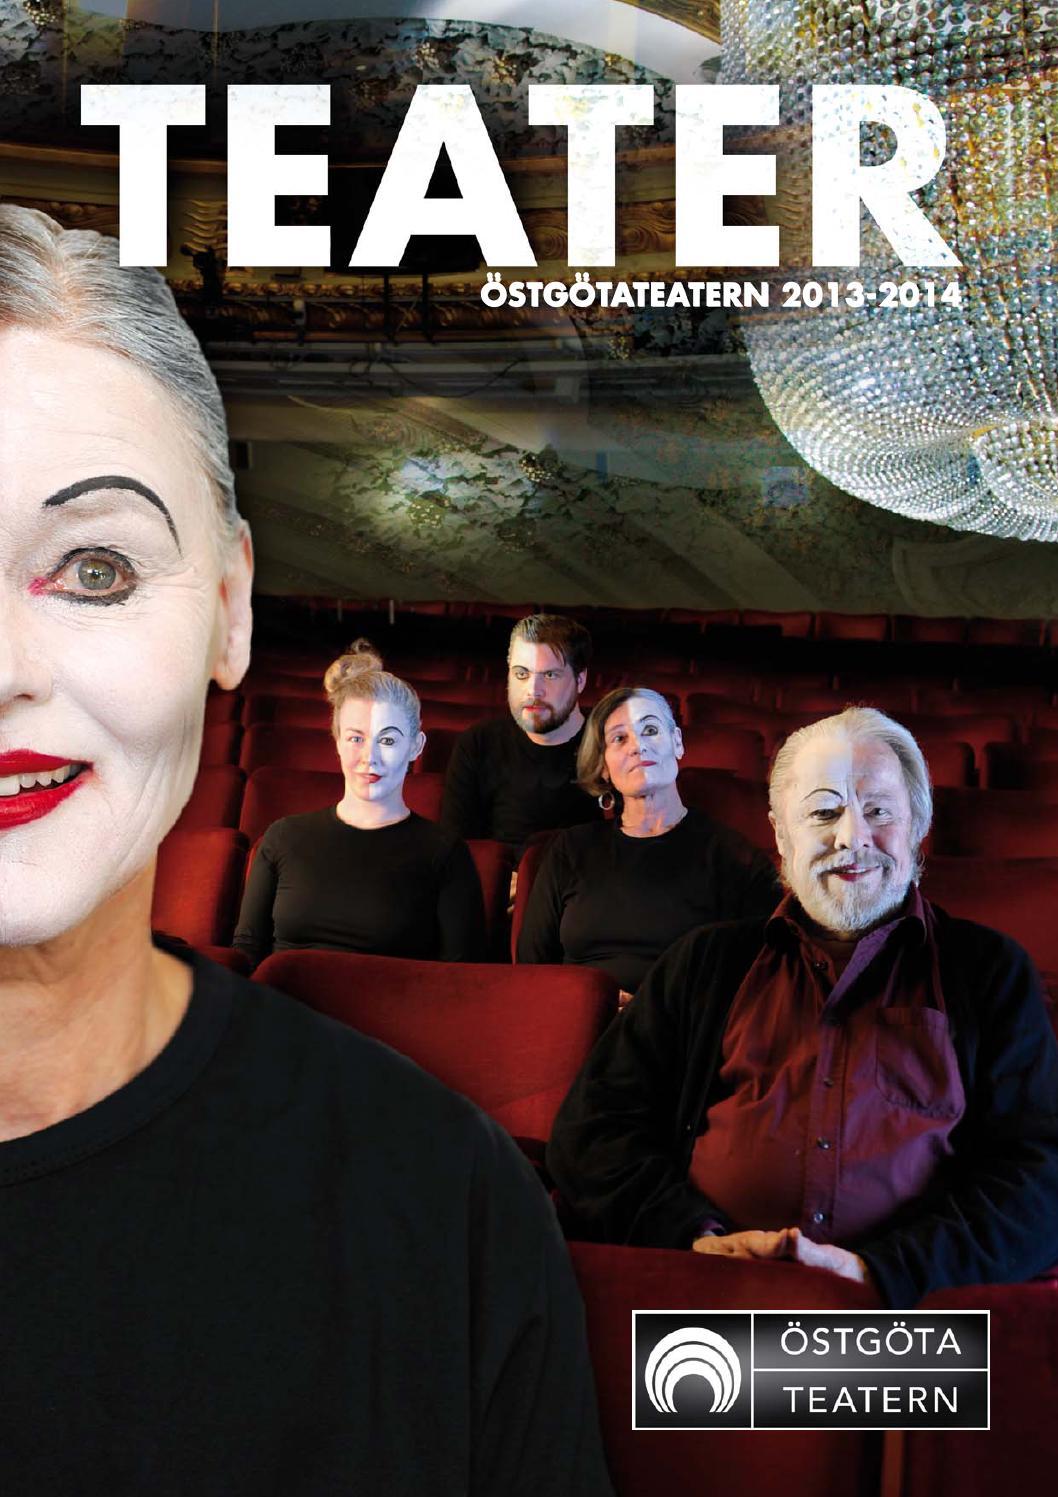 östgötateatern